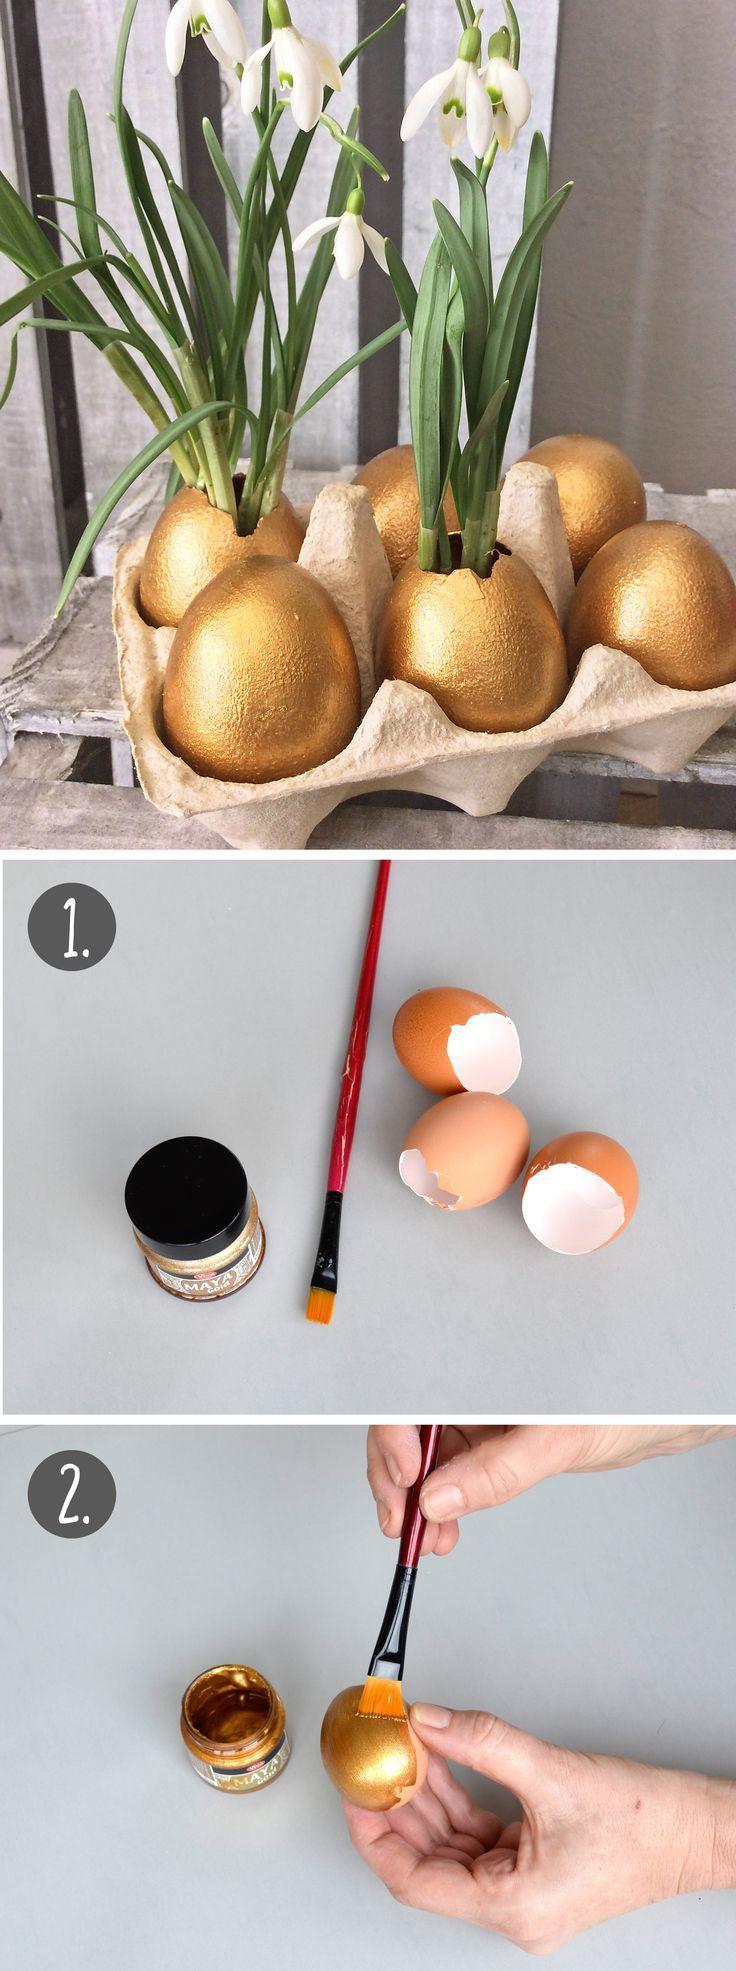 Goldene Ostern – so schnell, so schön! So werden Eier, gestaltet mit Maya-Gold – EBENBLATT